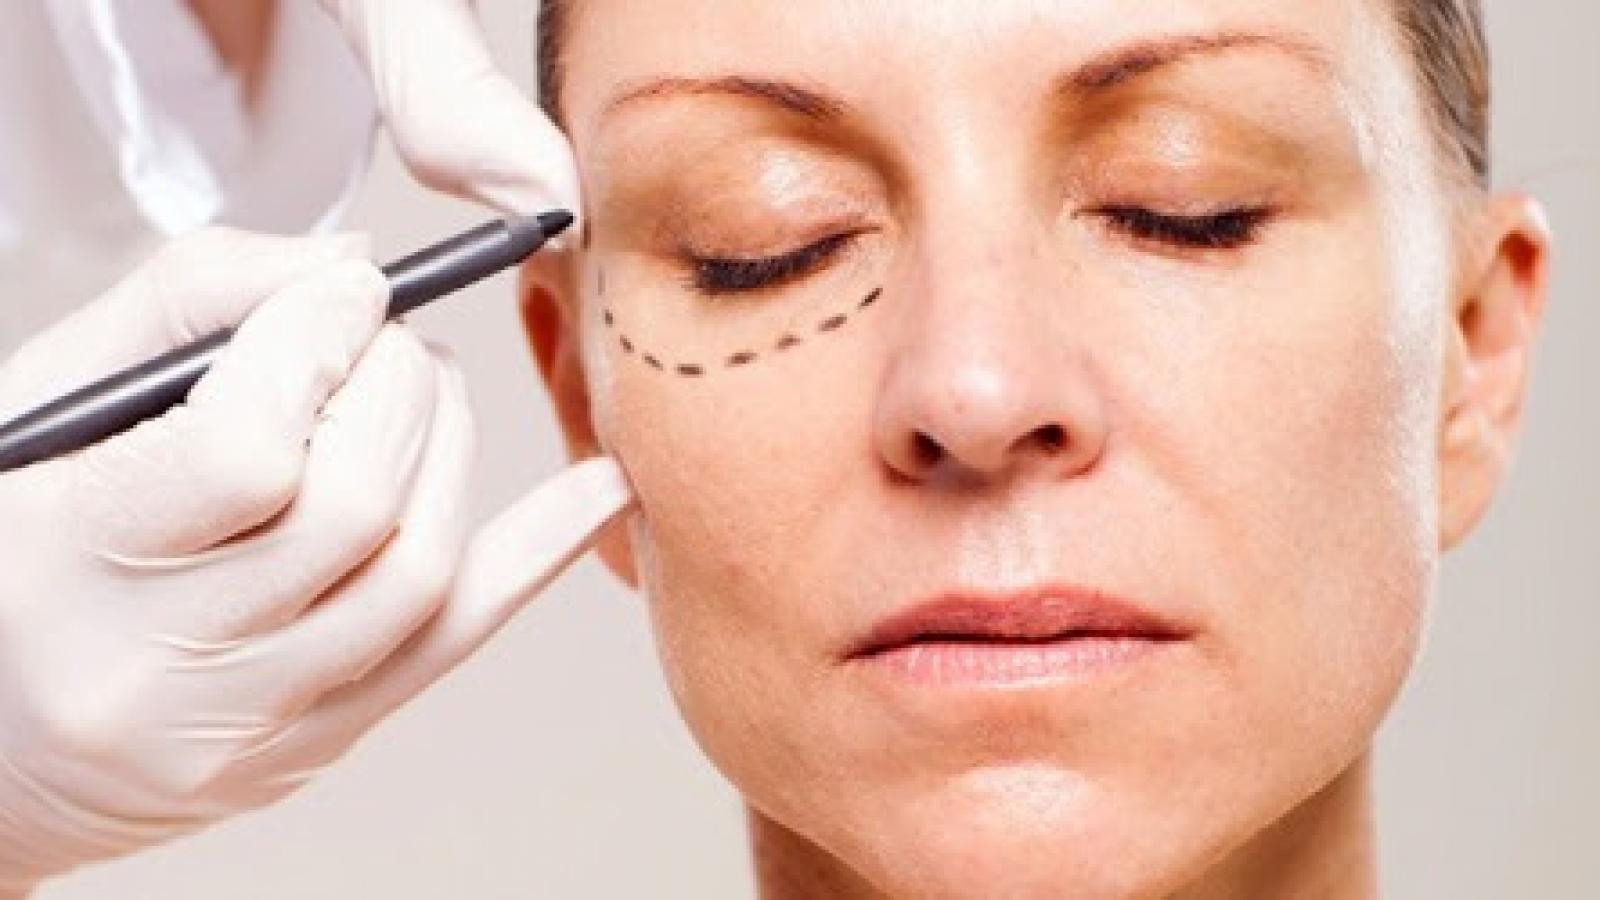 Clinica de cirurgia plastica em santos dra ana lucia lemos Quais são os resultados da cirurgia plástica de pálpebras